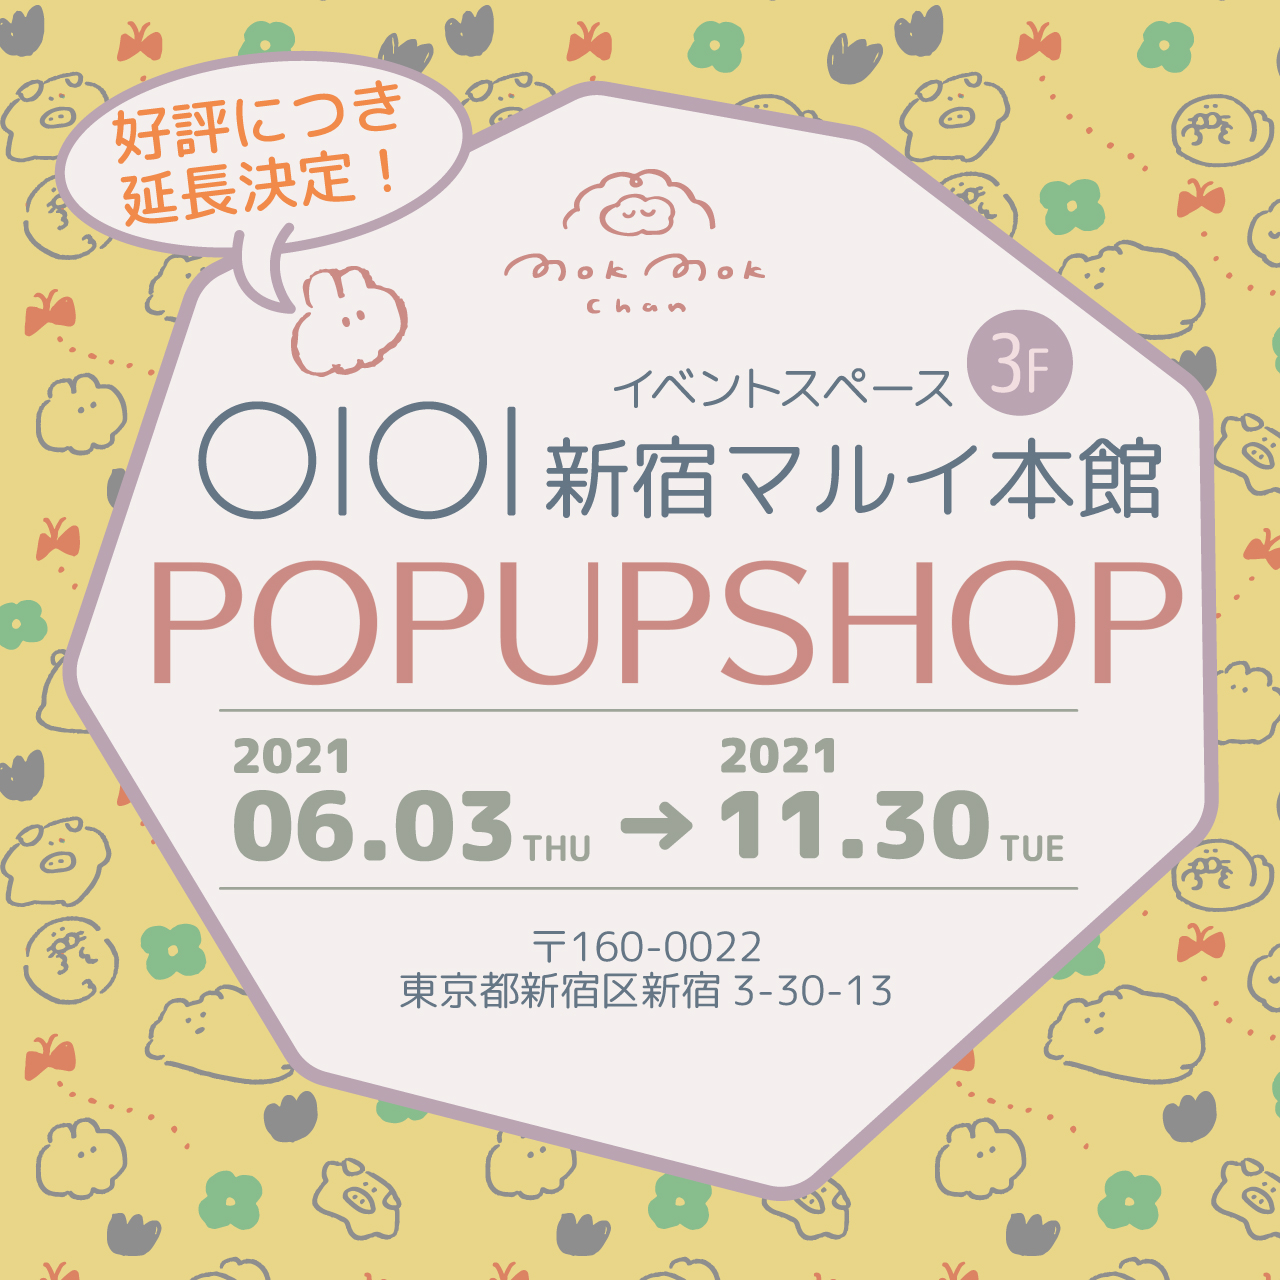 新宿マルイ本館3階POPUP SHOPが期間延長決定~!☆